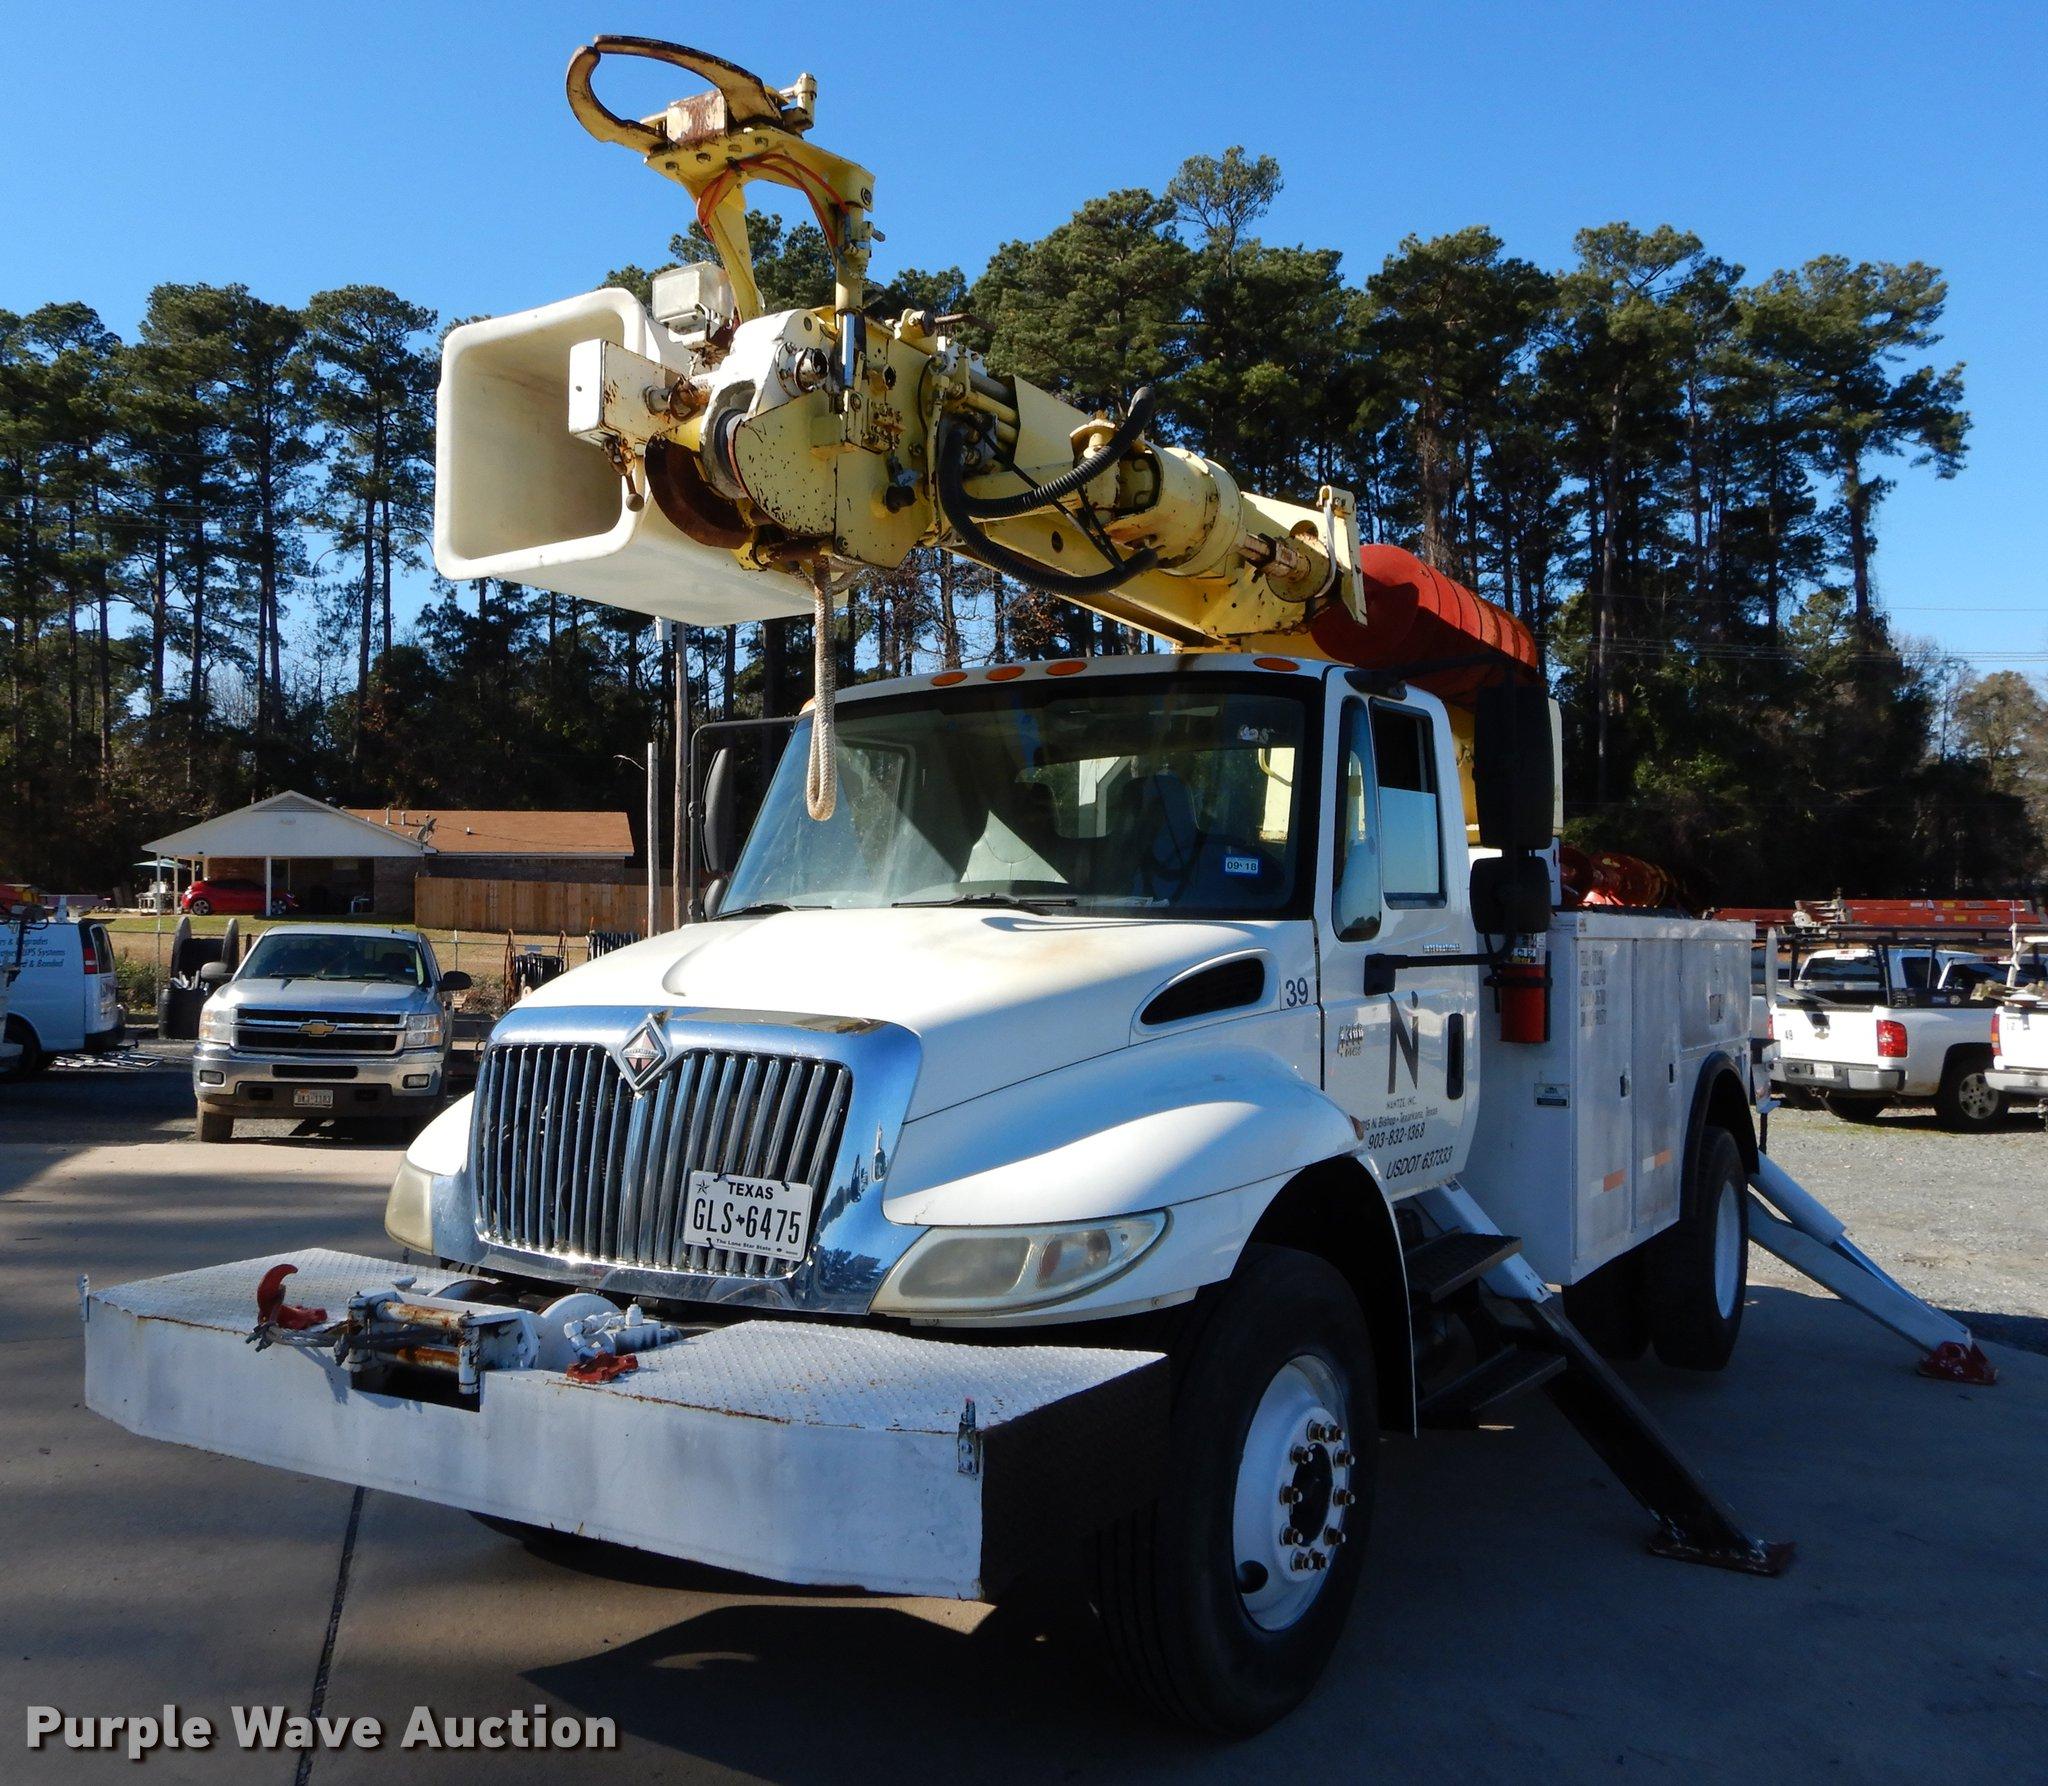 2005 International 4300 Digger Derrick Truck